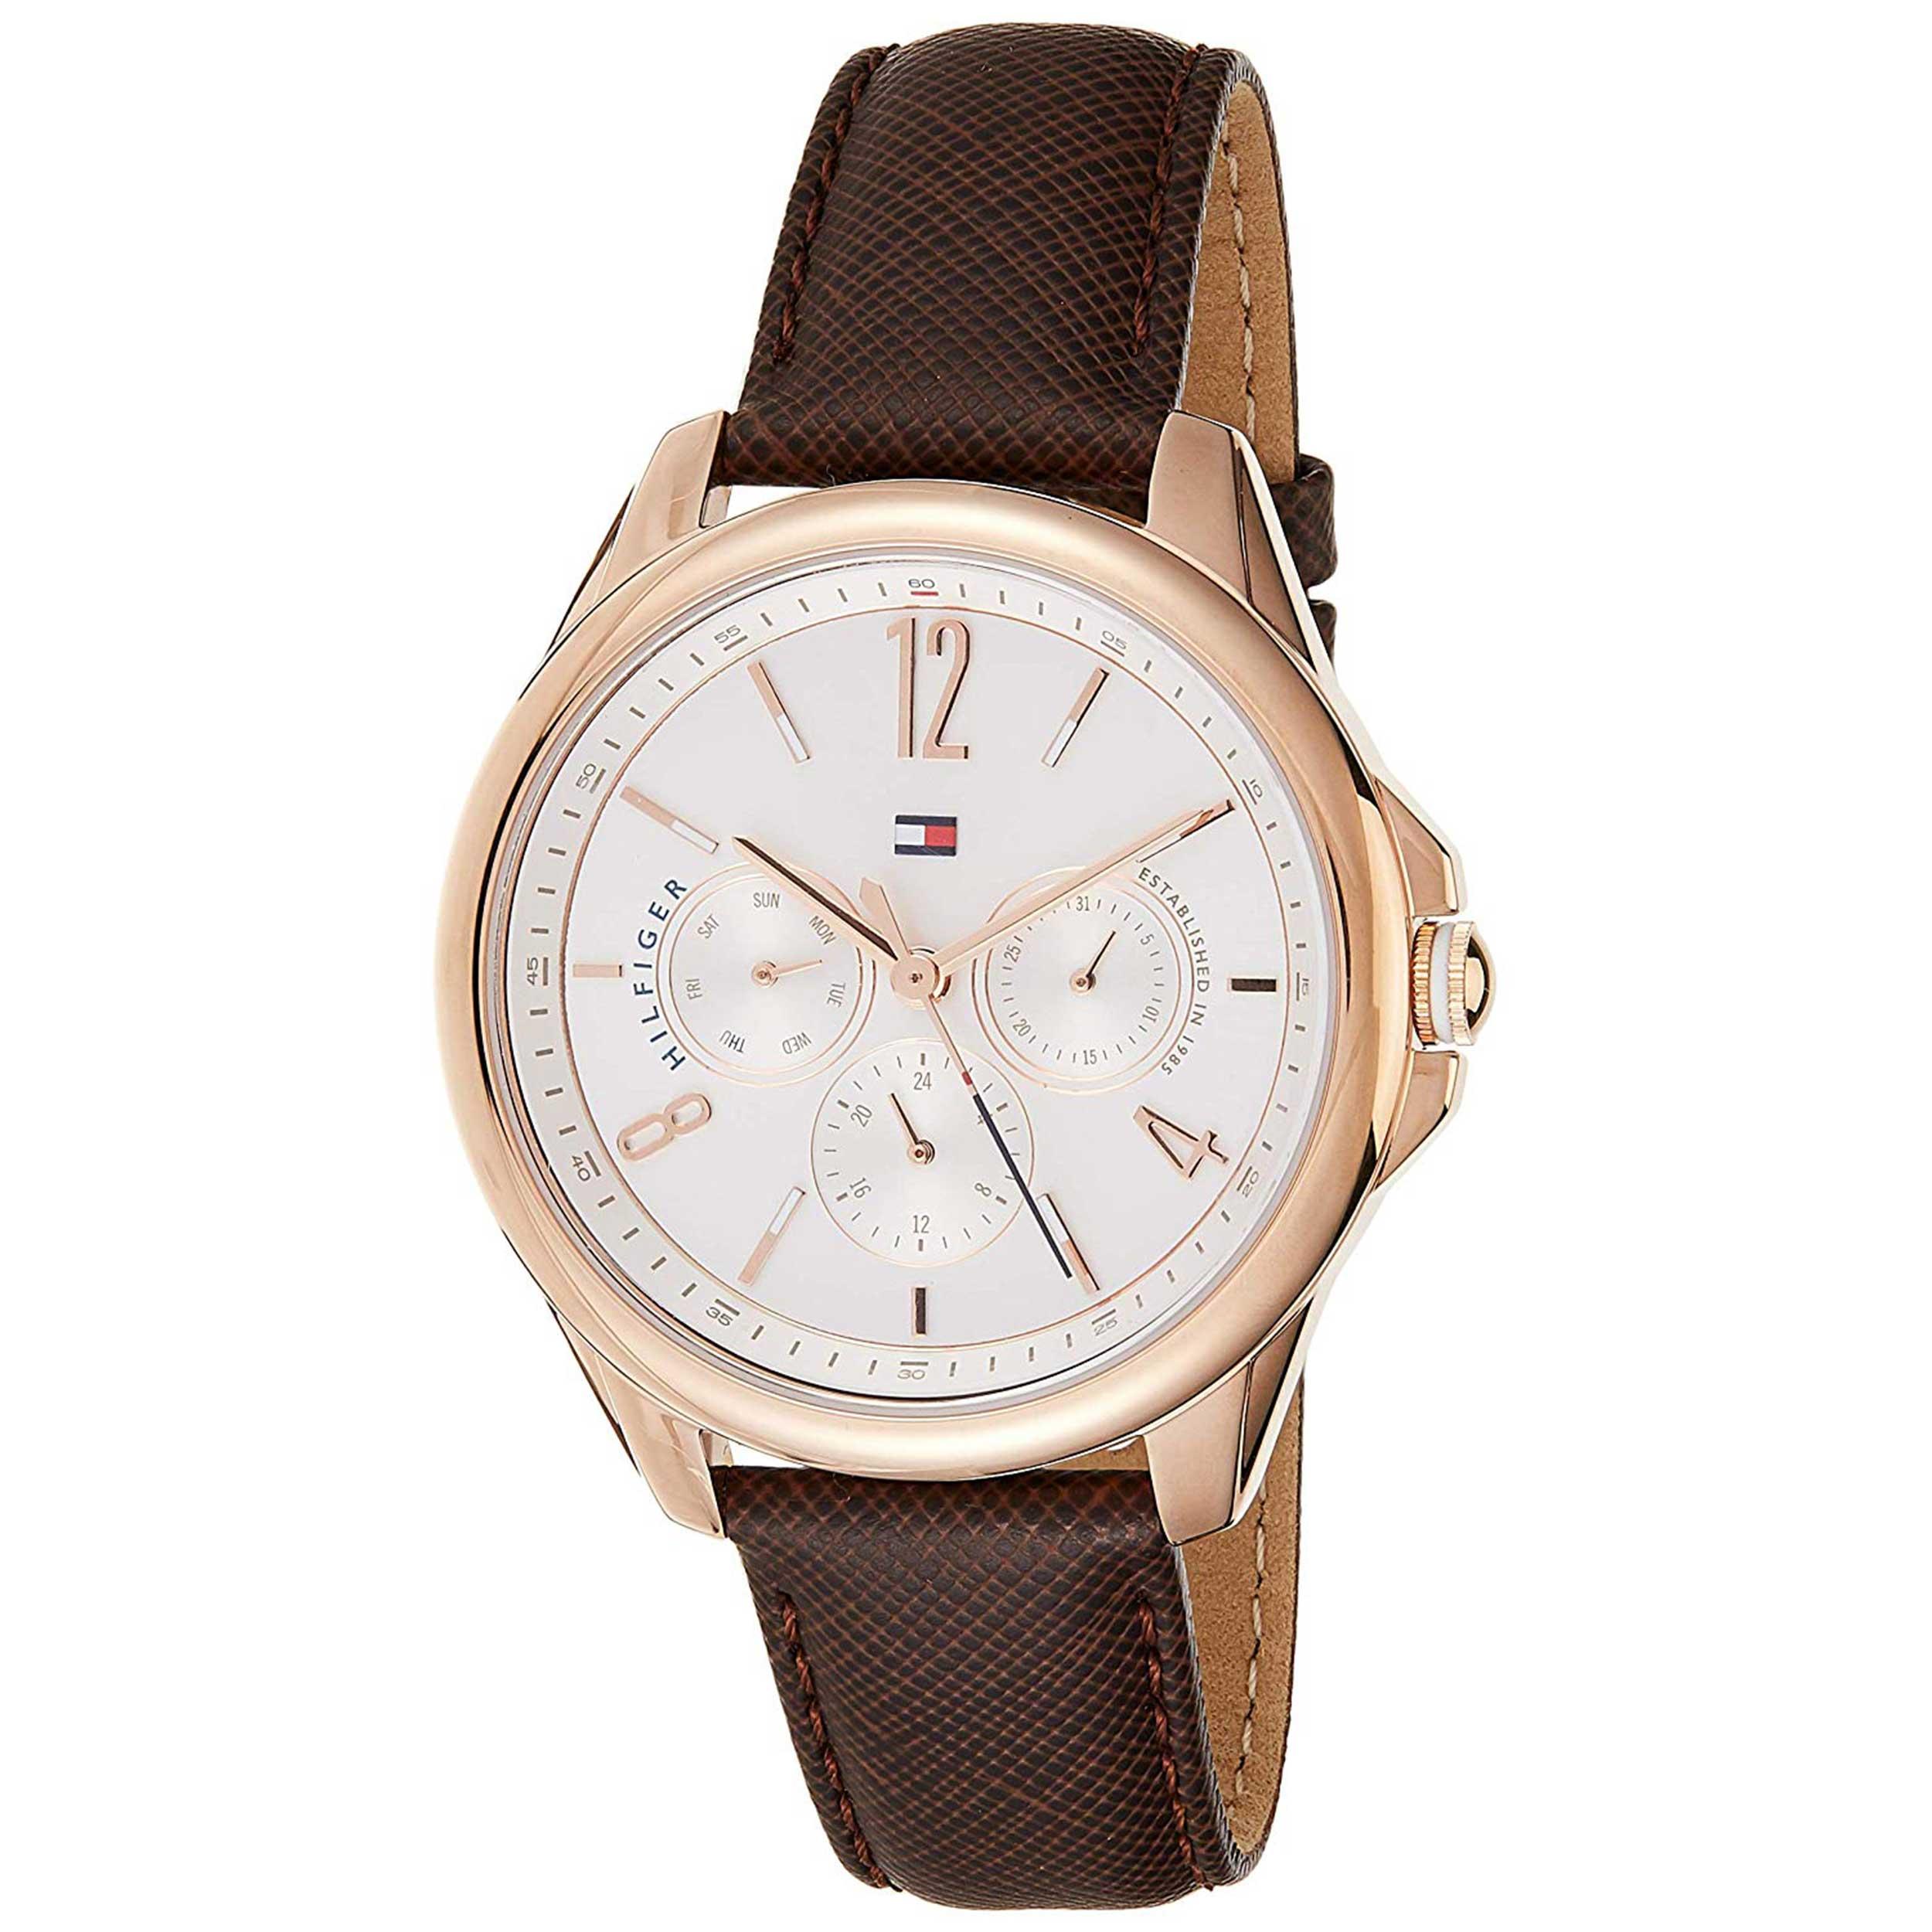 ساعت مچی عقربه ای زنانه تامی هیلفیگر مدل 1781823              ارزان